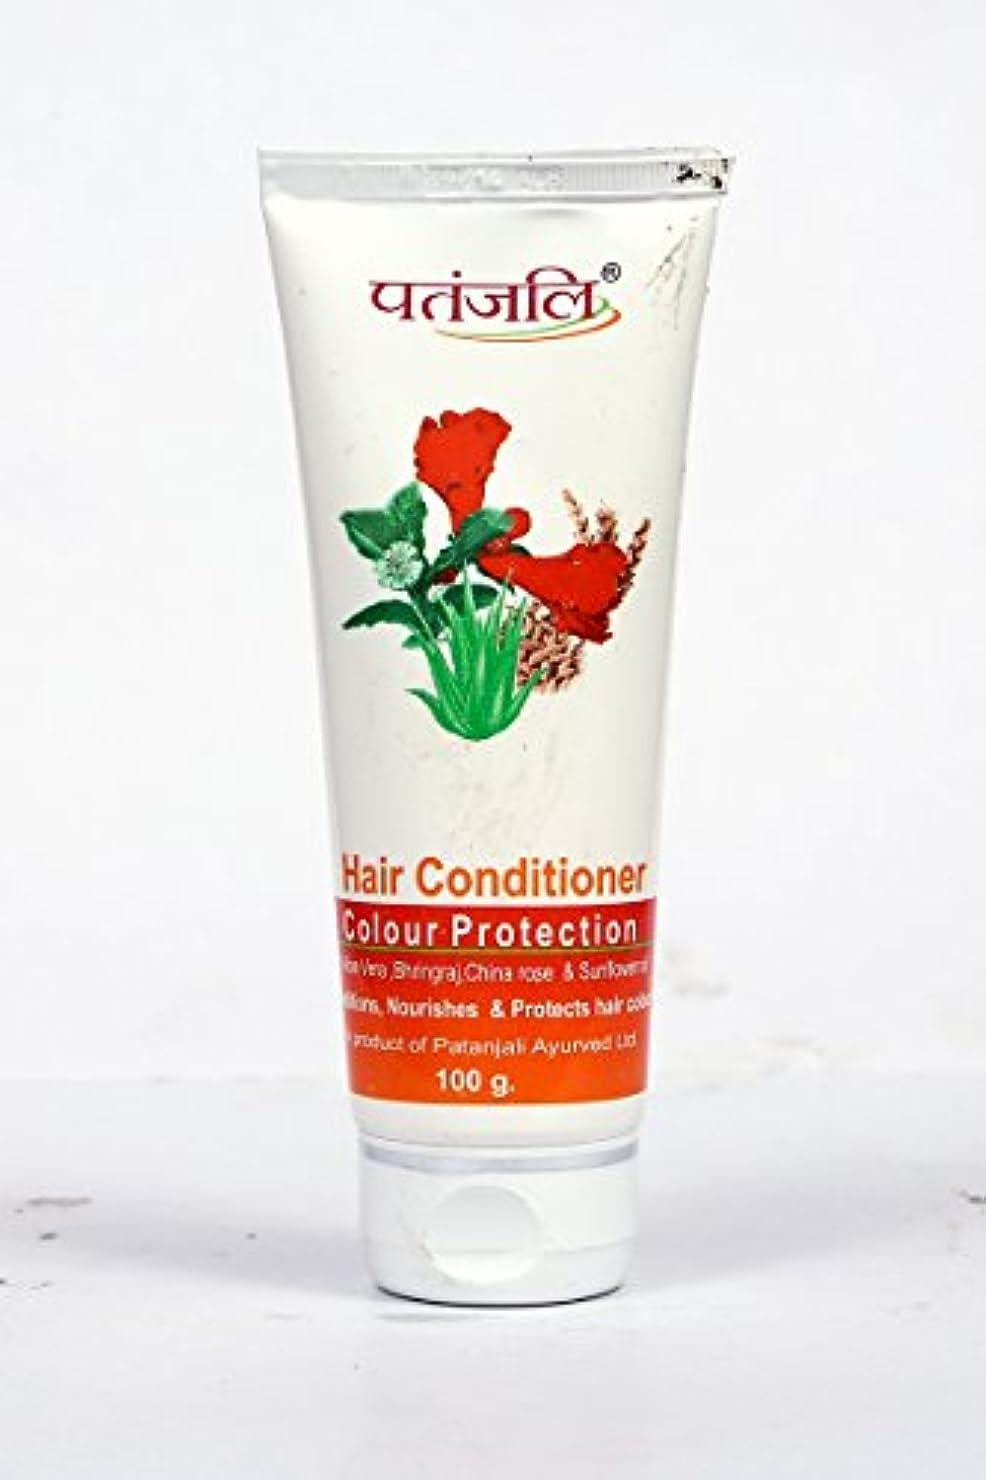 洗練された哀れな切るPatanjali Hair Conditioner Colour Protection, 100g